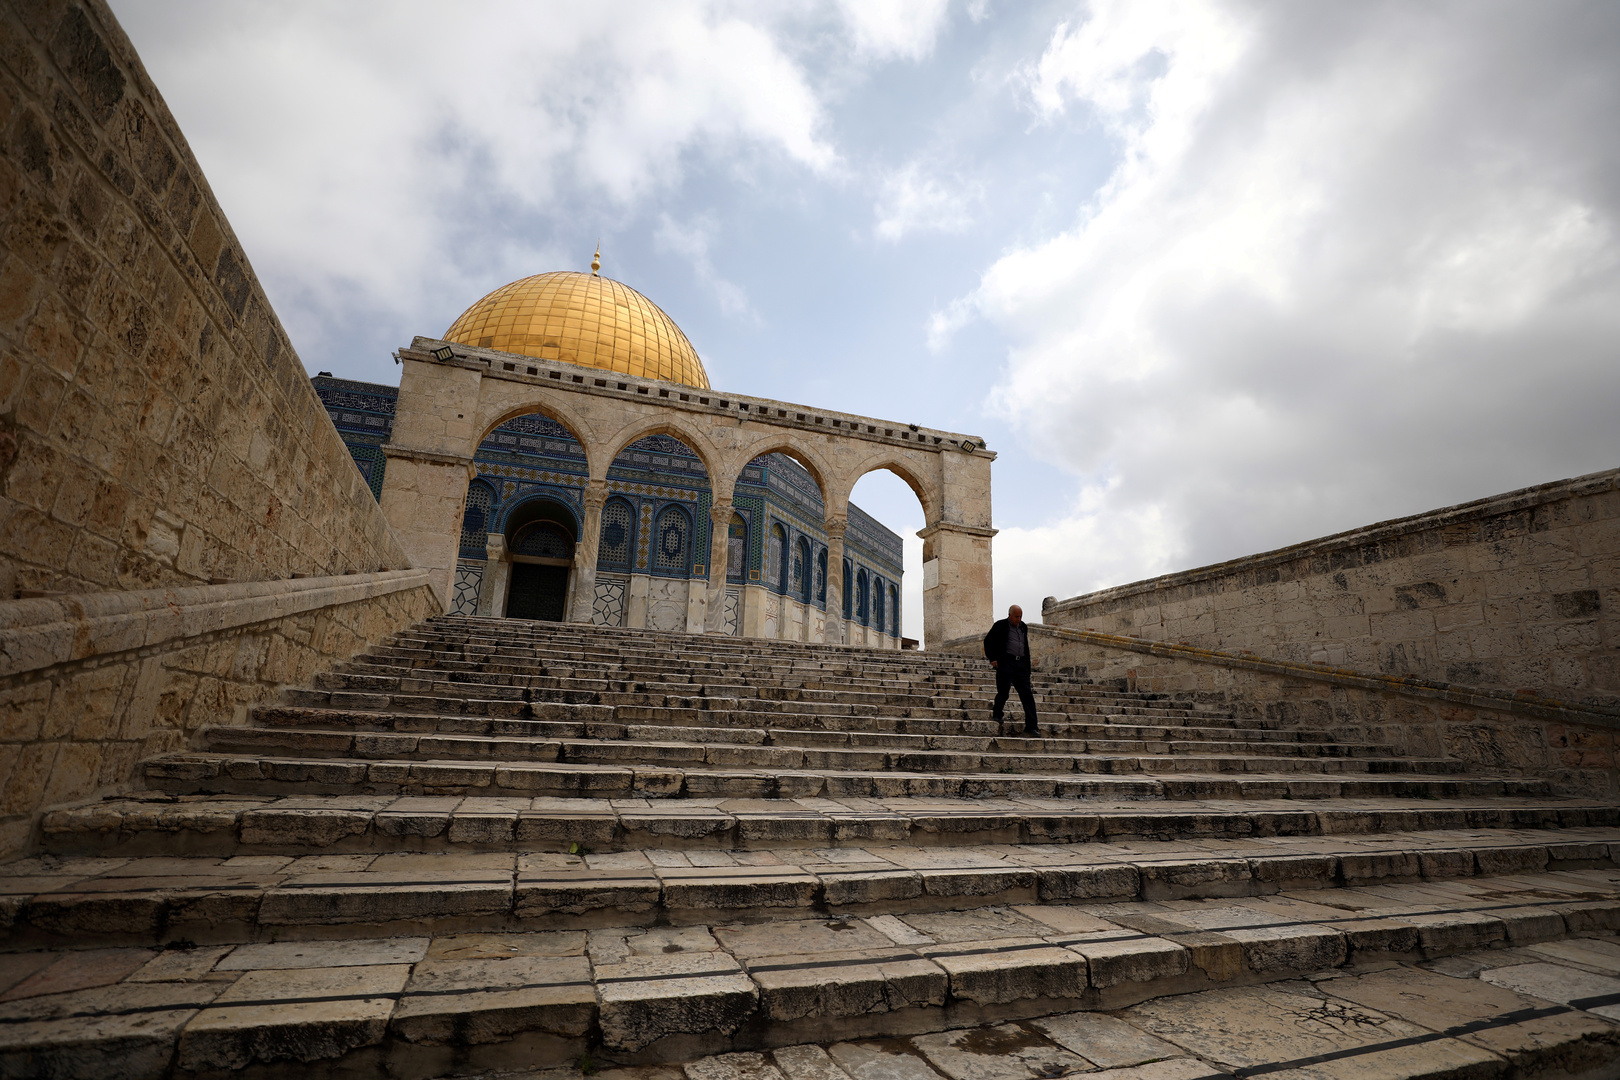 الخارجية الفلسطينية: استمرار اقتحامات الأقصى استهتار بالجهود المبذولة لتثبيت التهدئة